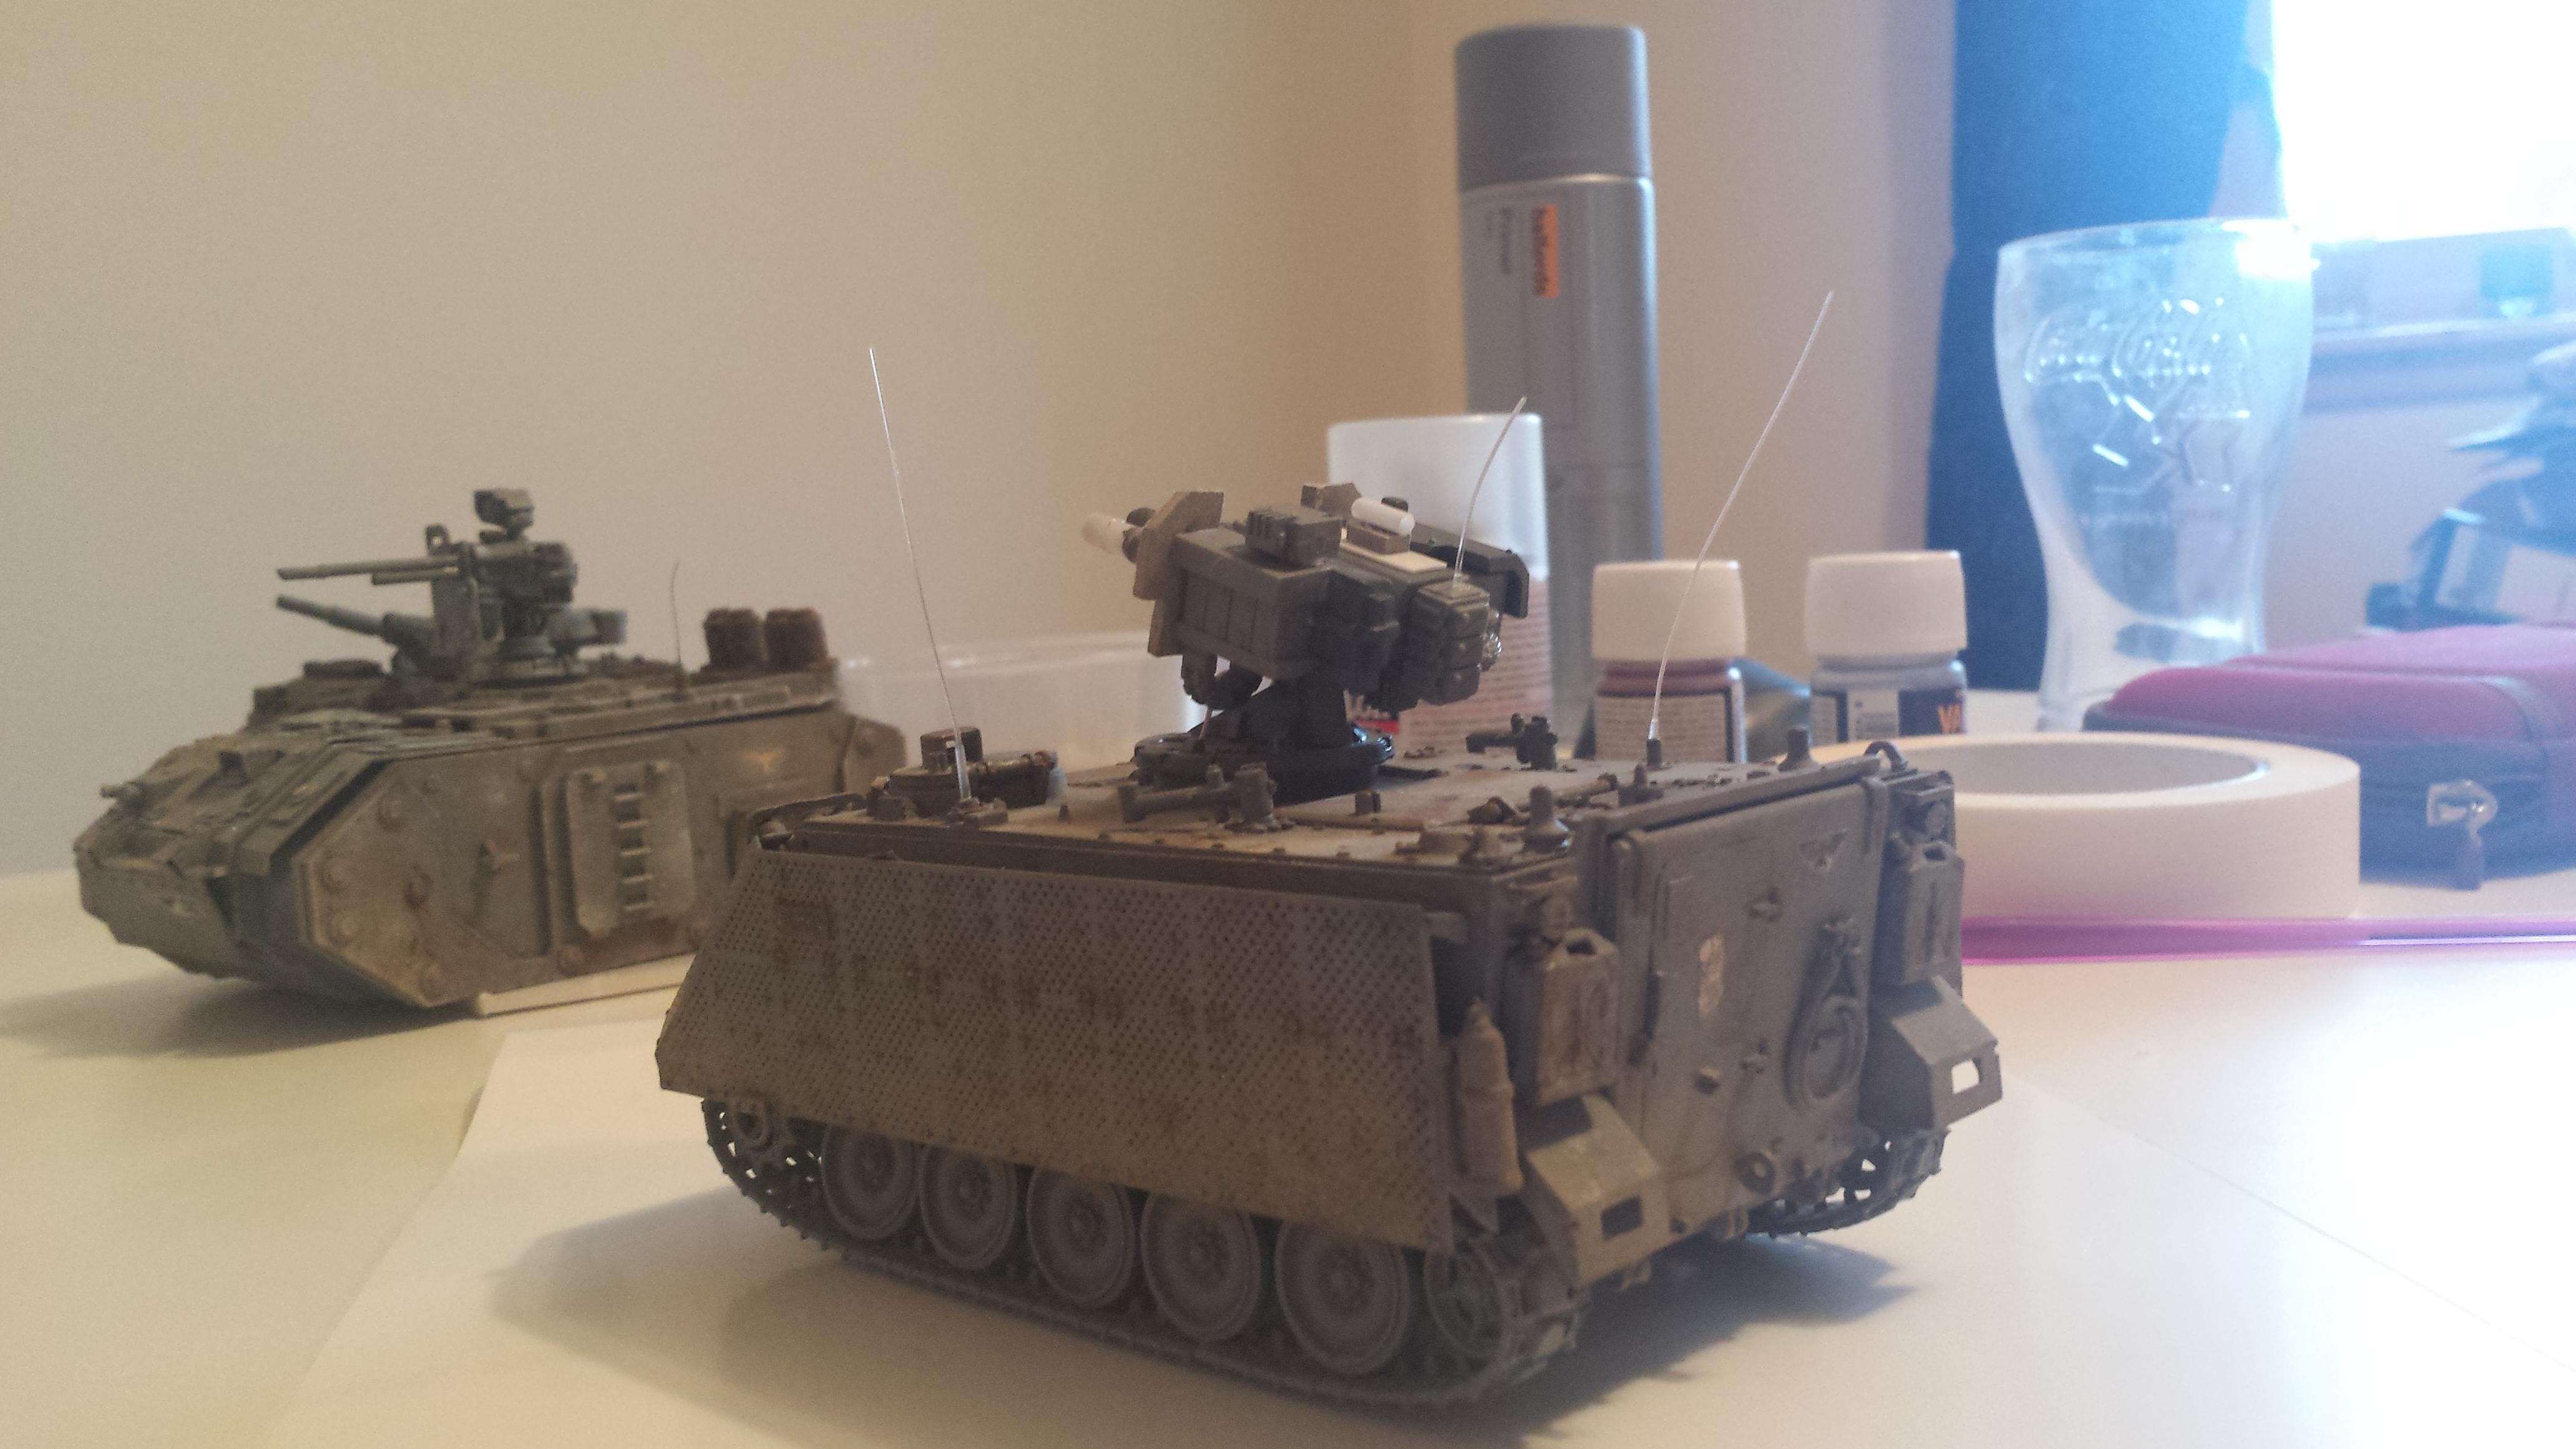 Autogun, Chimera, Dusty, Imperial Guard, Tank